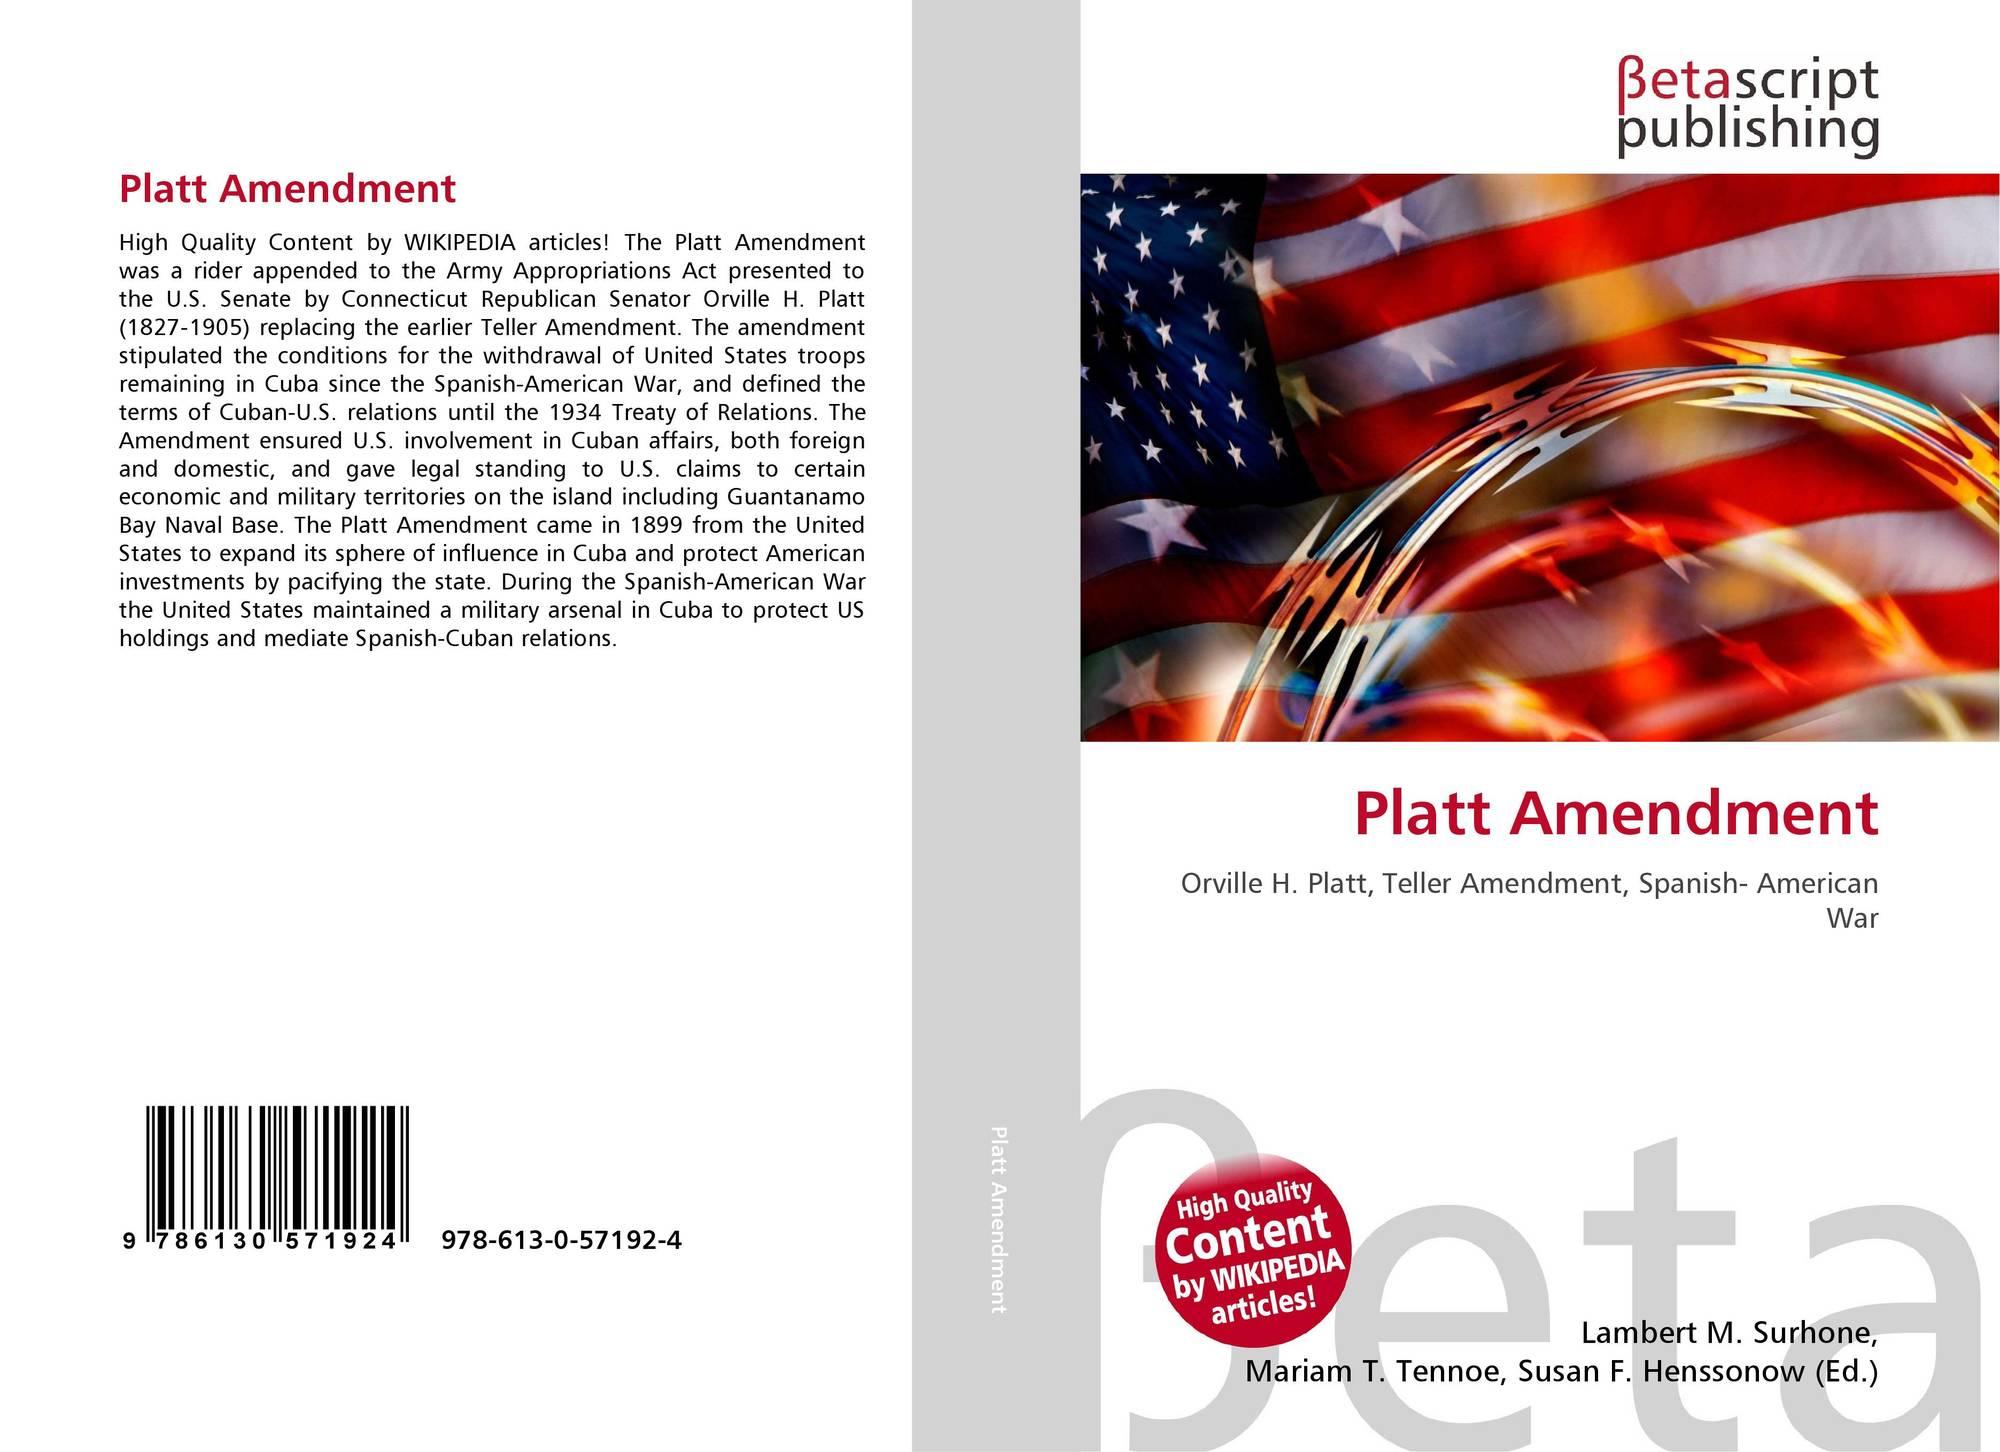 teller amendment and platt amendment